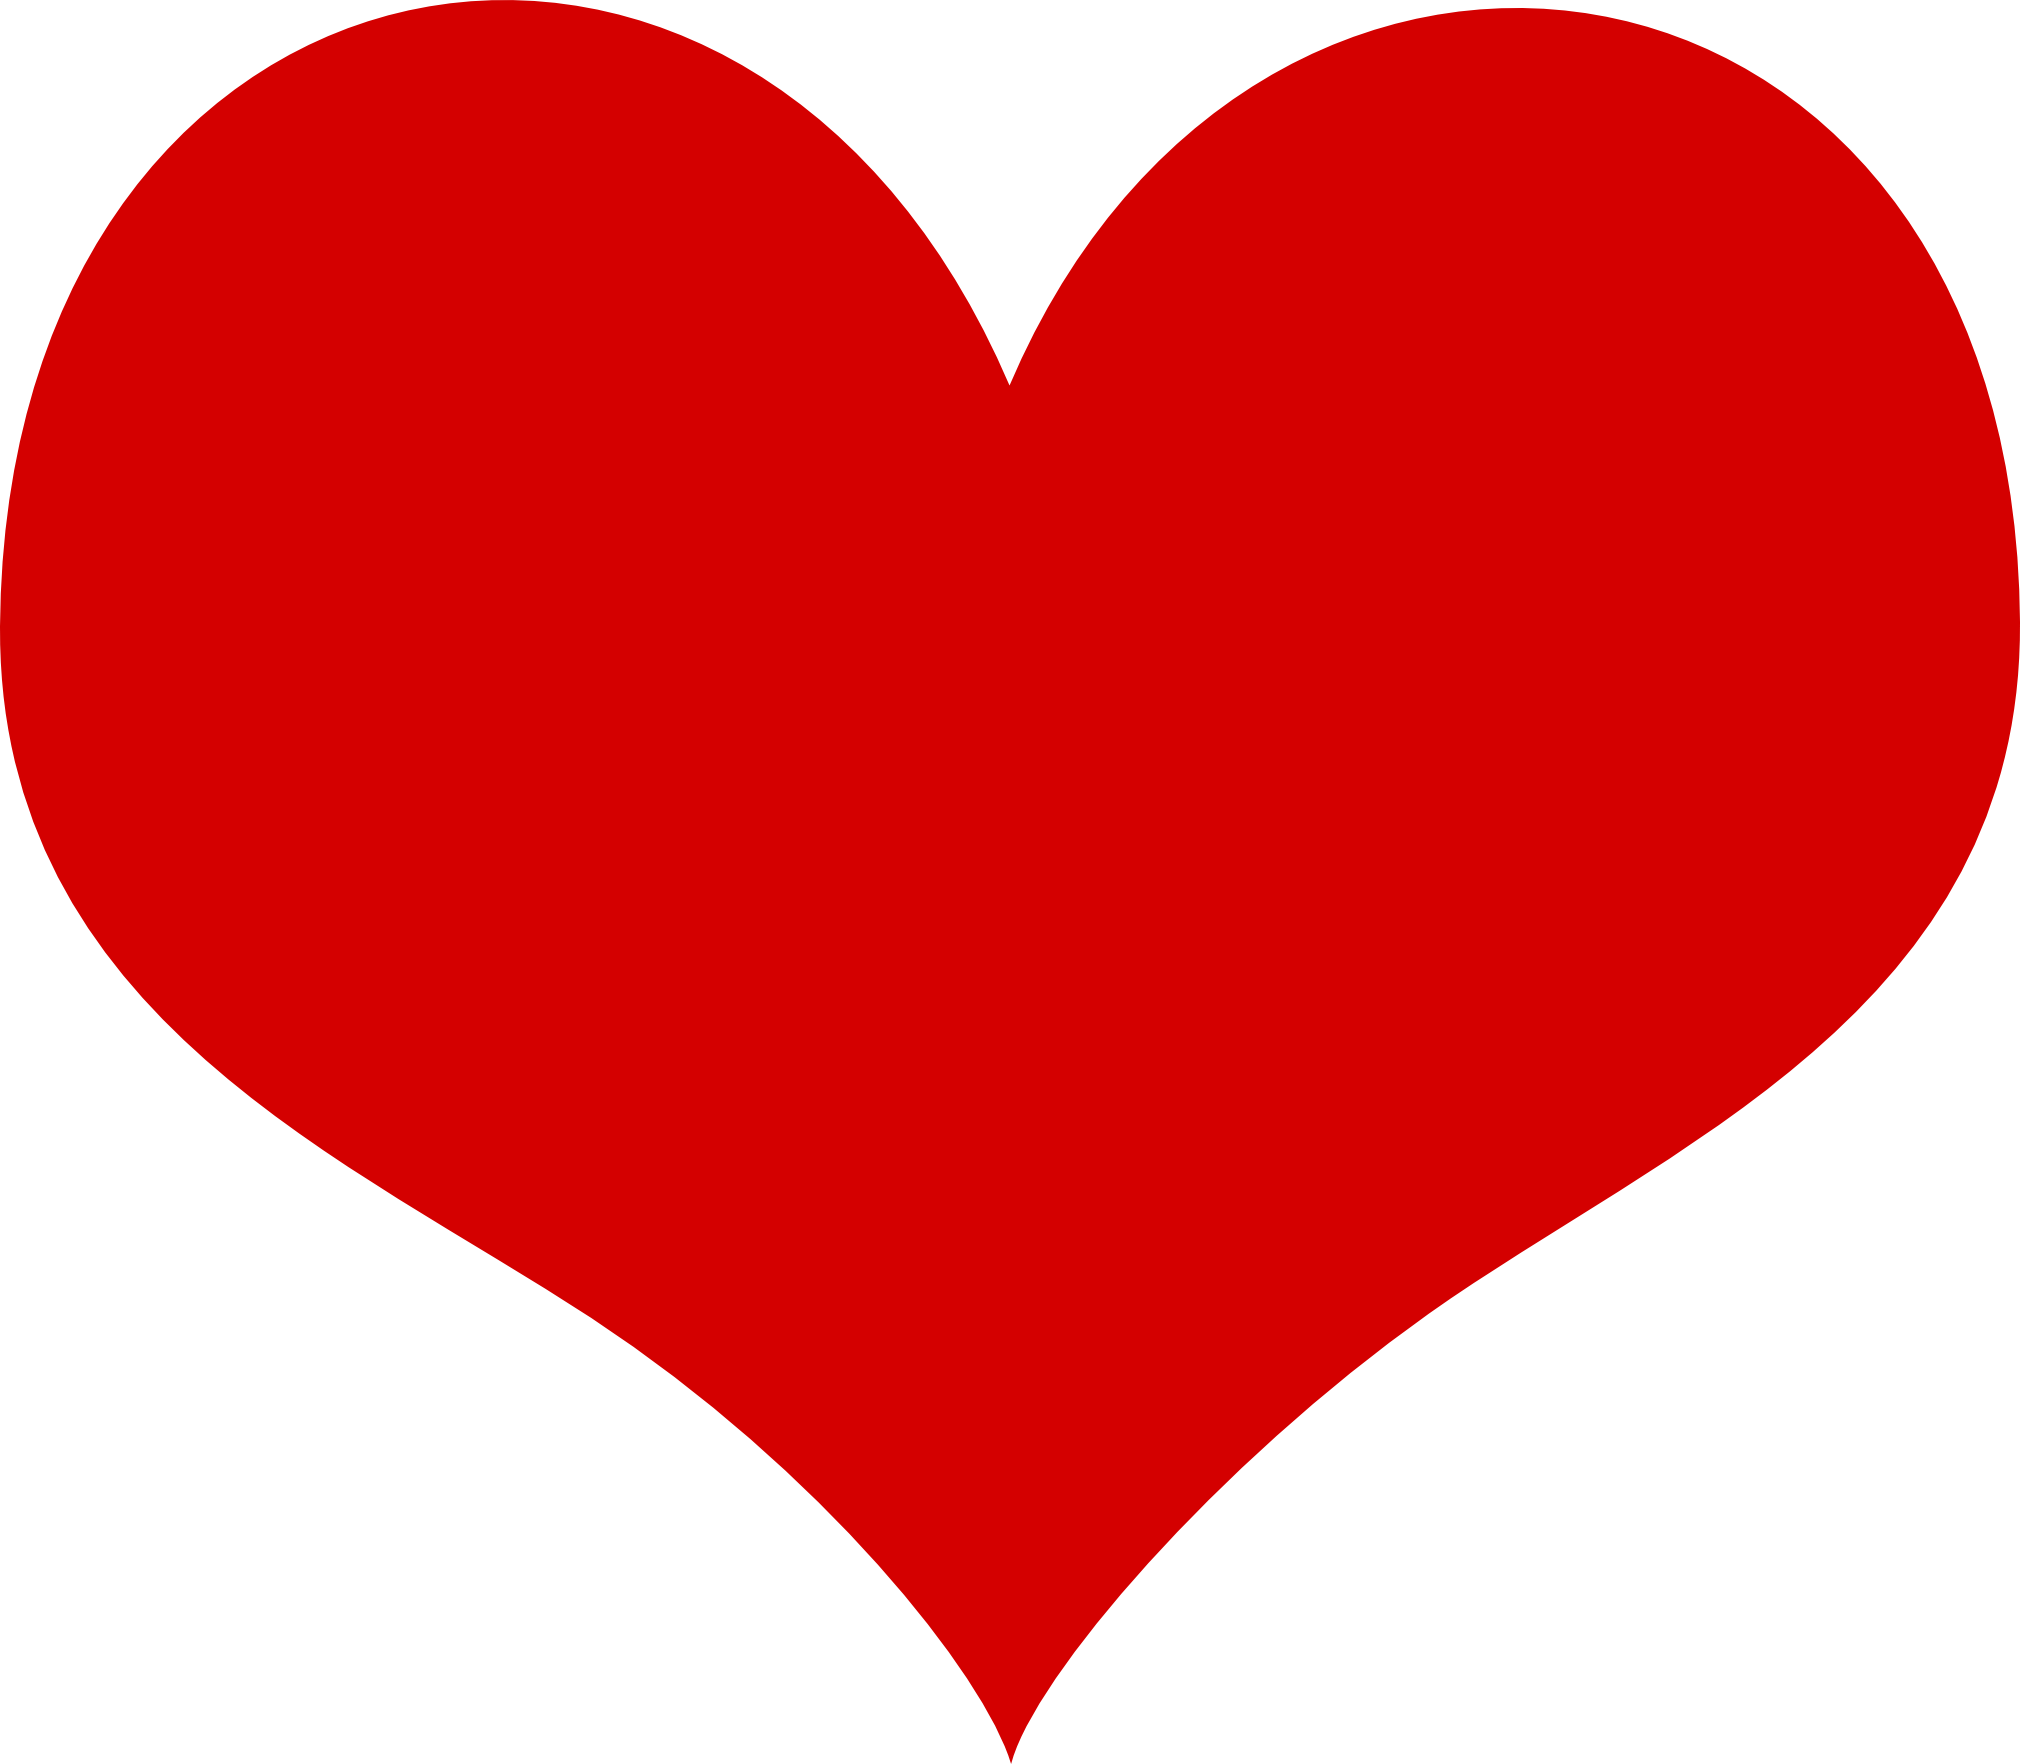 Heart fotolip com rich. Facebook clipart share